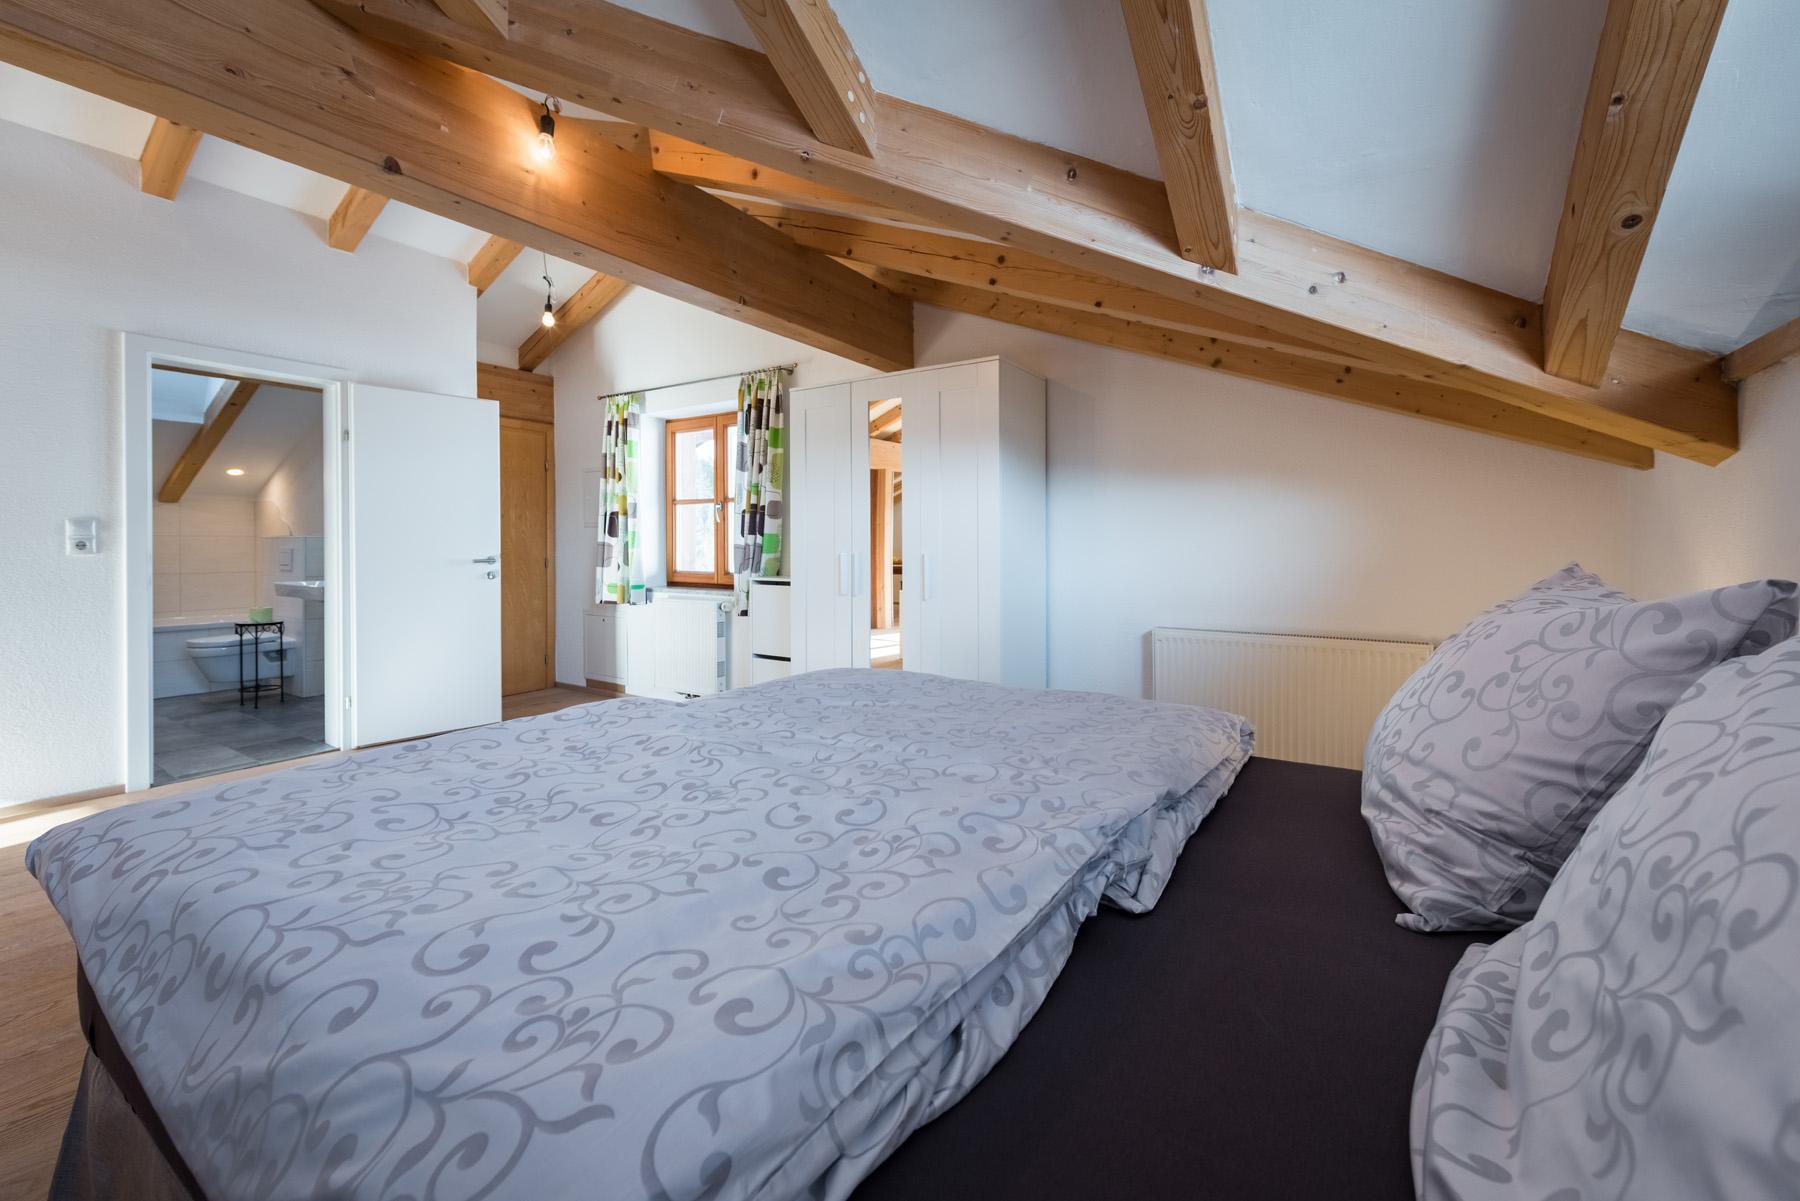 Ferienwohnung Alpinloft Tirol Appartement/Fewo, Dusche und Bad, WC, 1 Schlafraum (2612031), Bad Häring, Kufstein, Tirol, Österreich, Bild 14